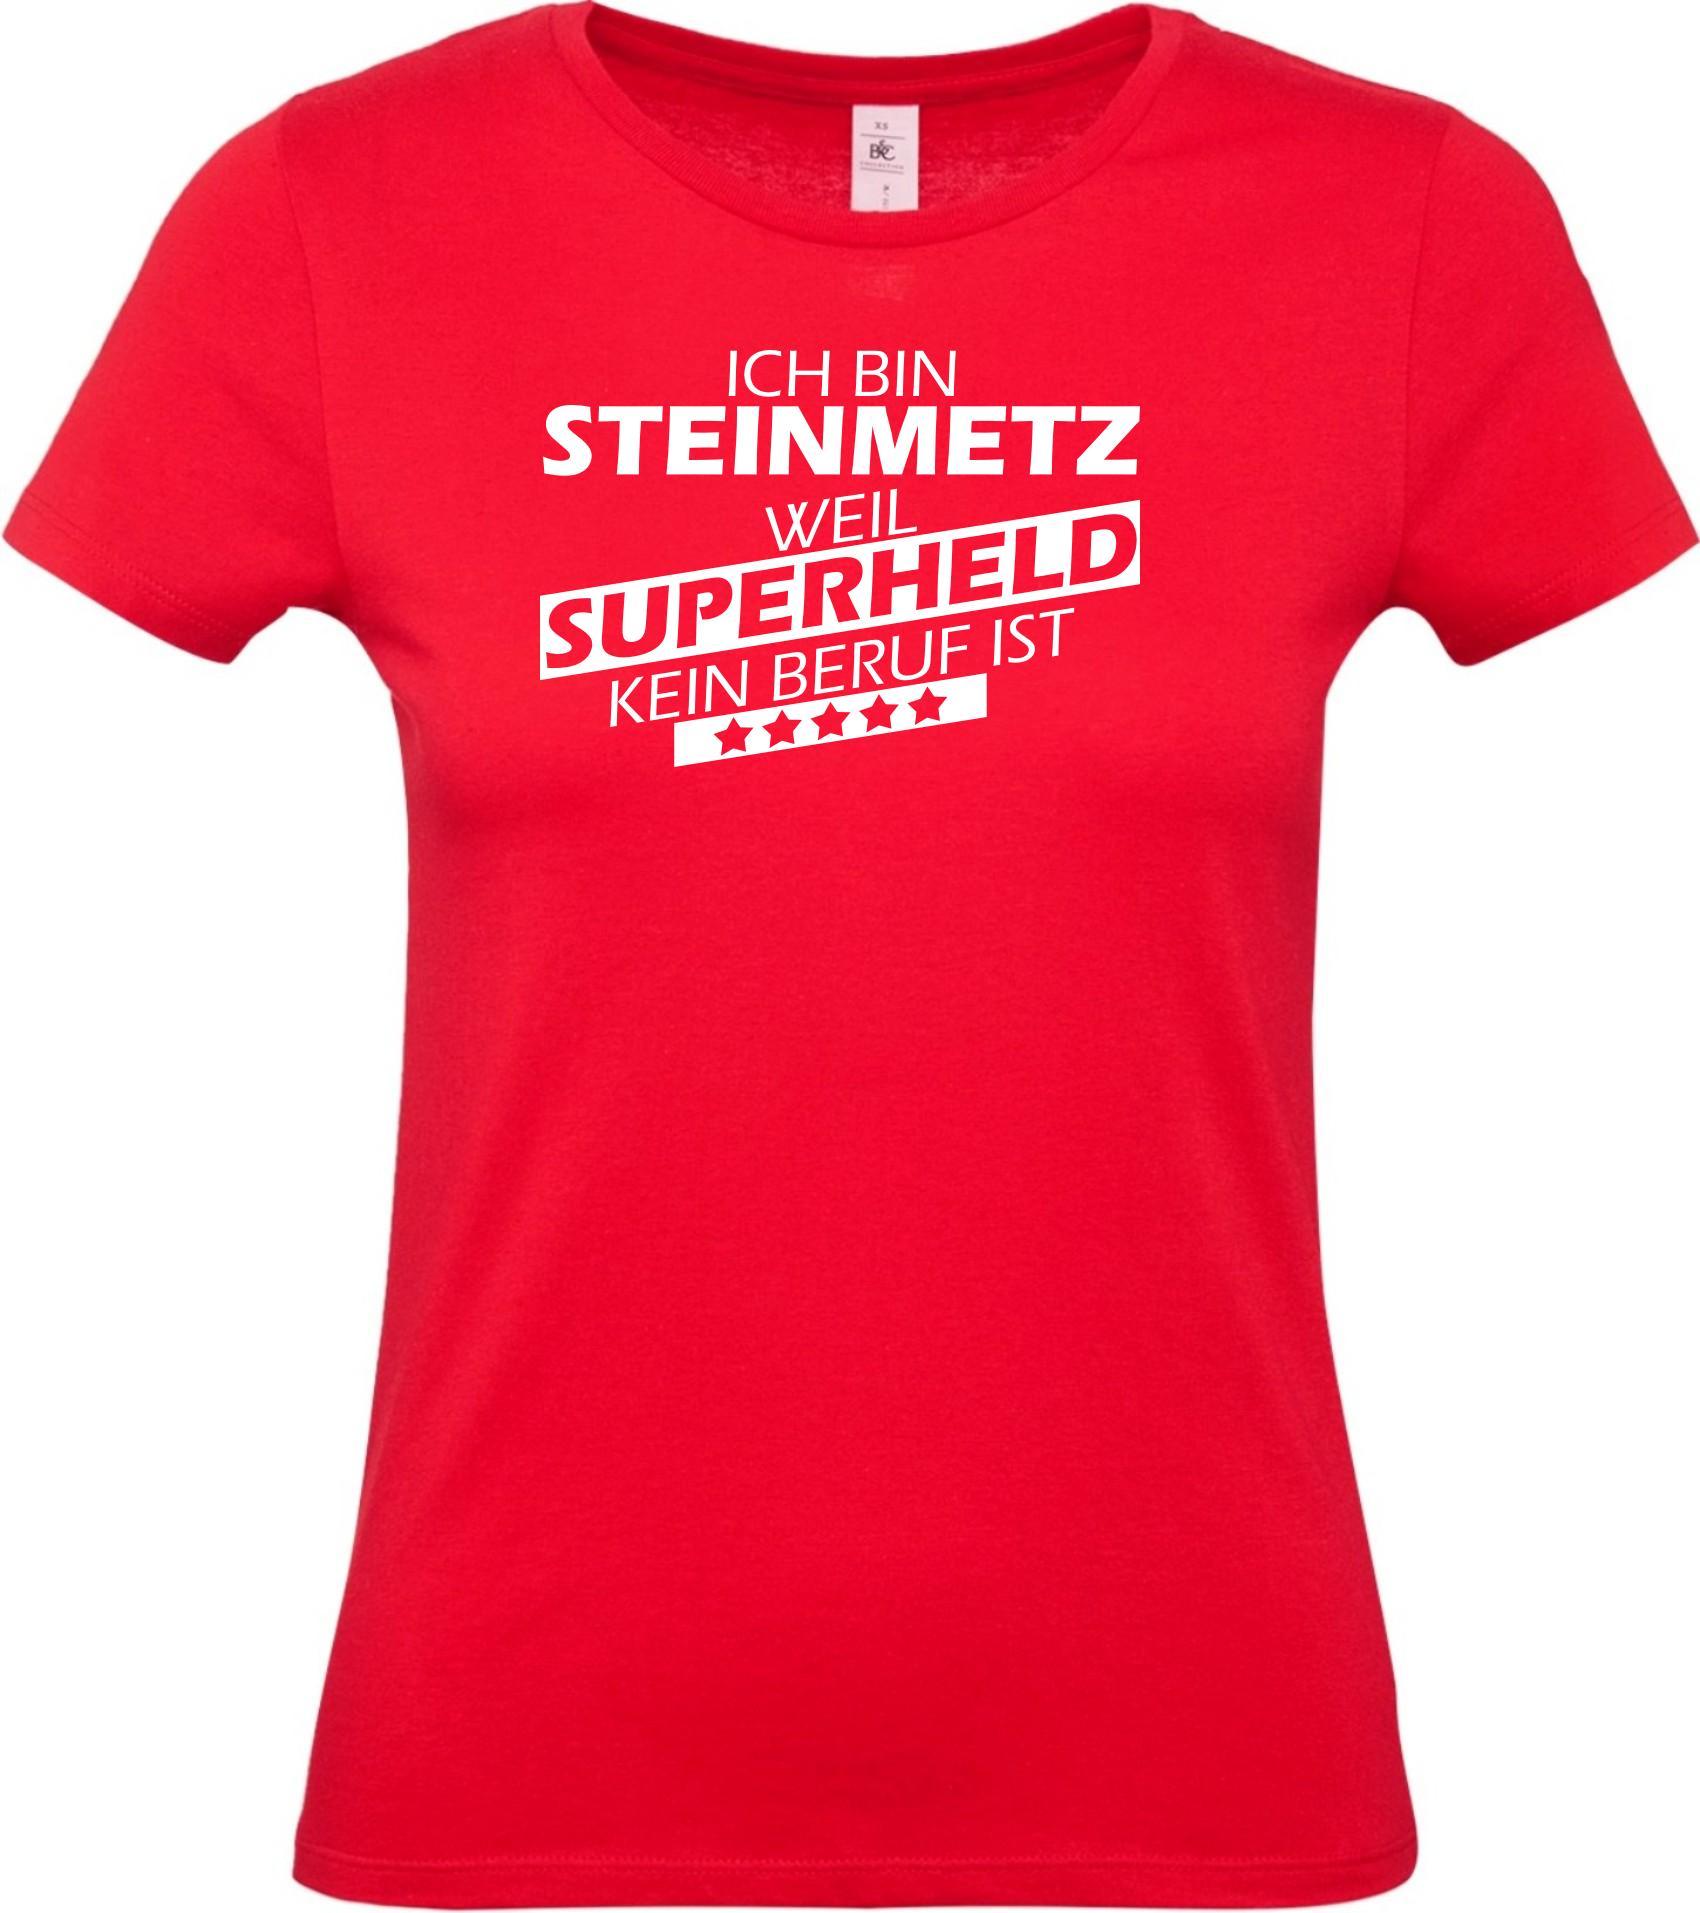 Lady-T-Shirt-Ich-bin-Steinmetz-weil-Superheld-kein-Beruf-ist